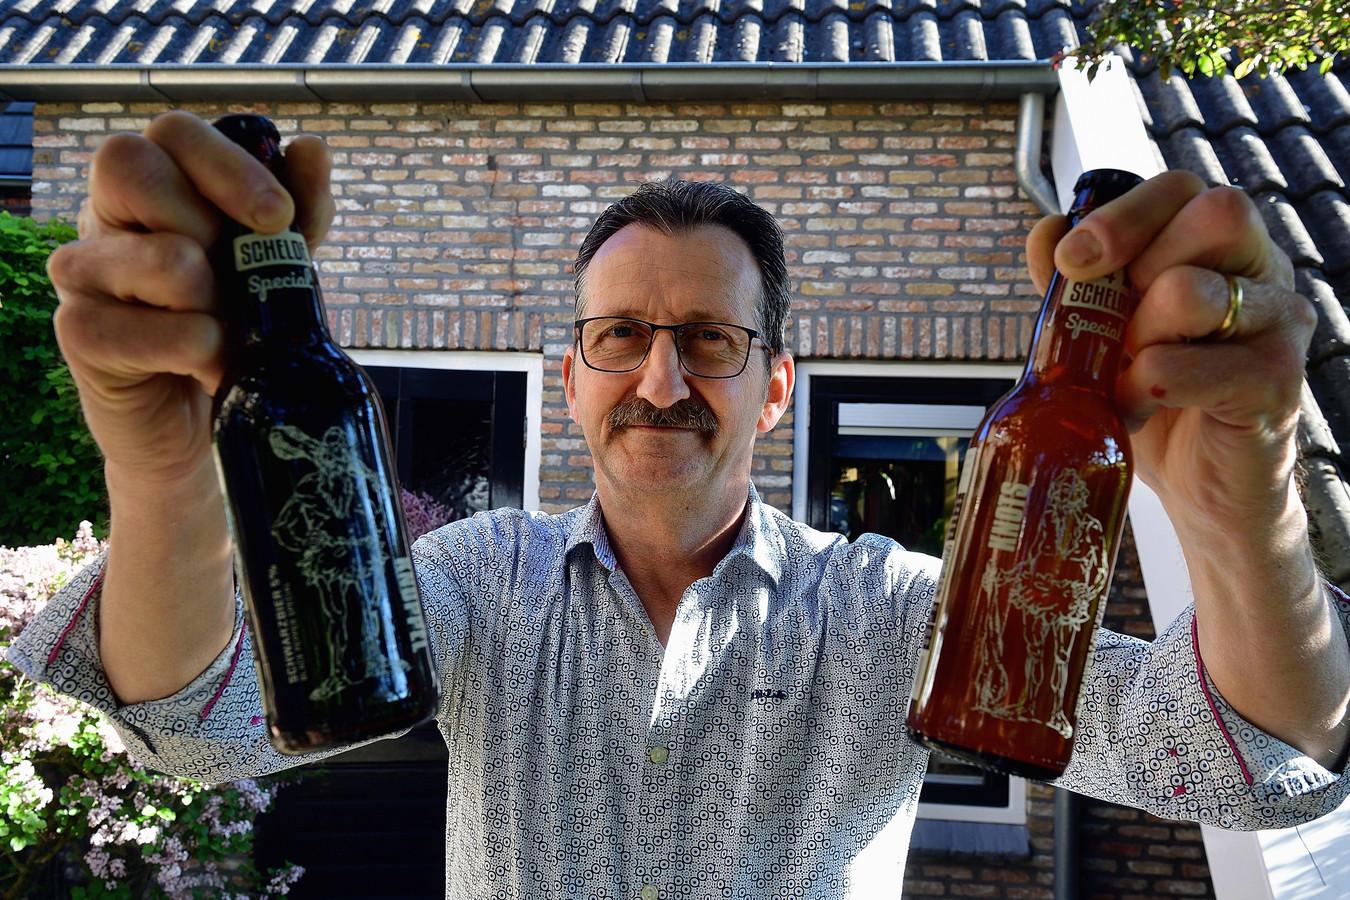 Peter van den Eijnden met de biertjes Knots en Knuppel.